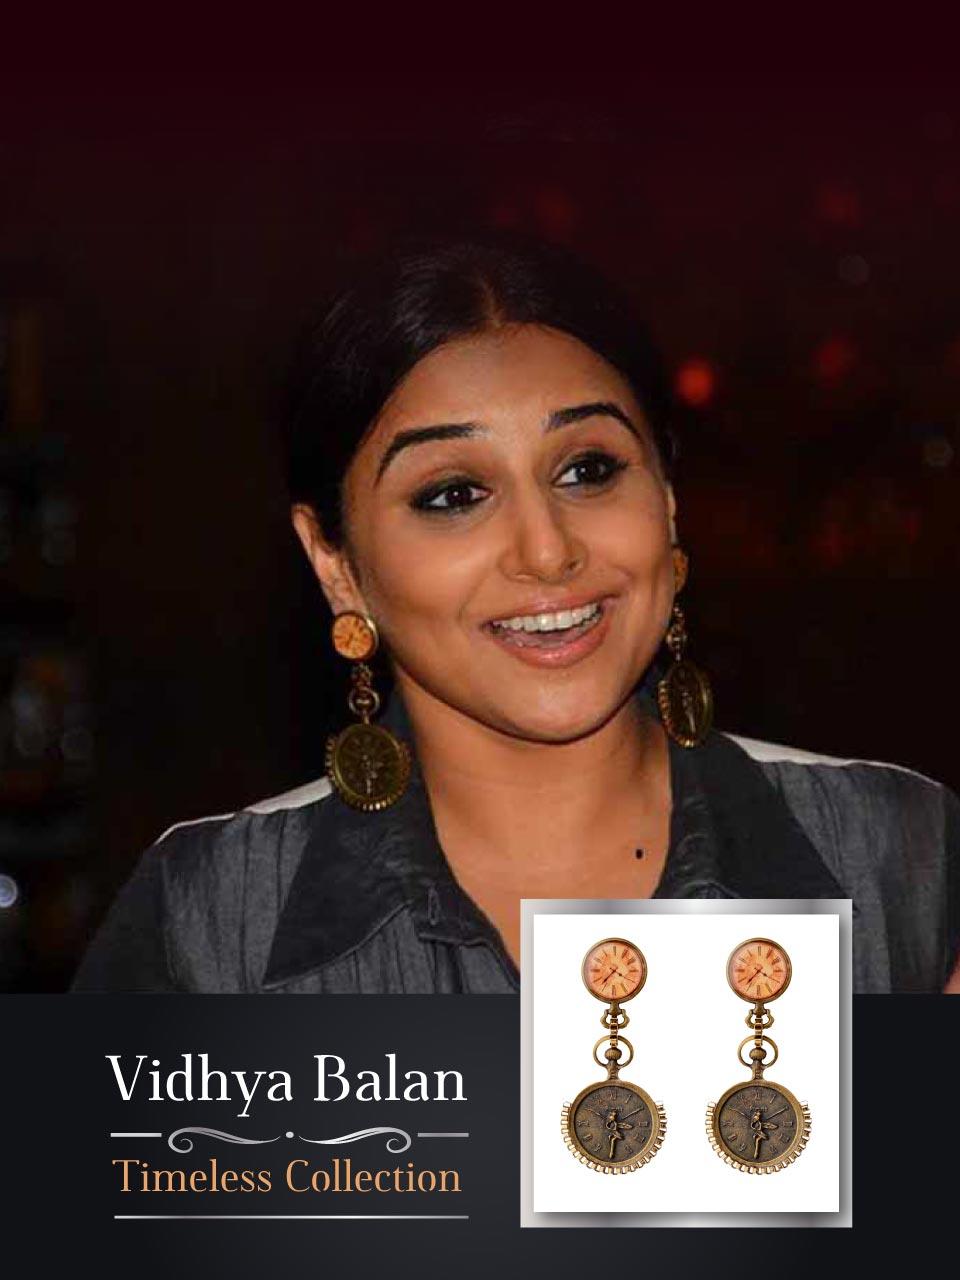 vidhya-balan